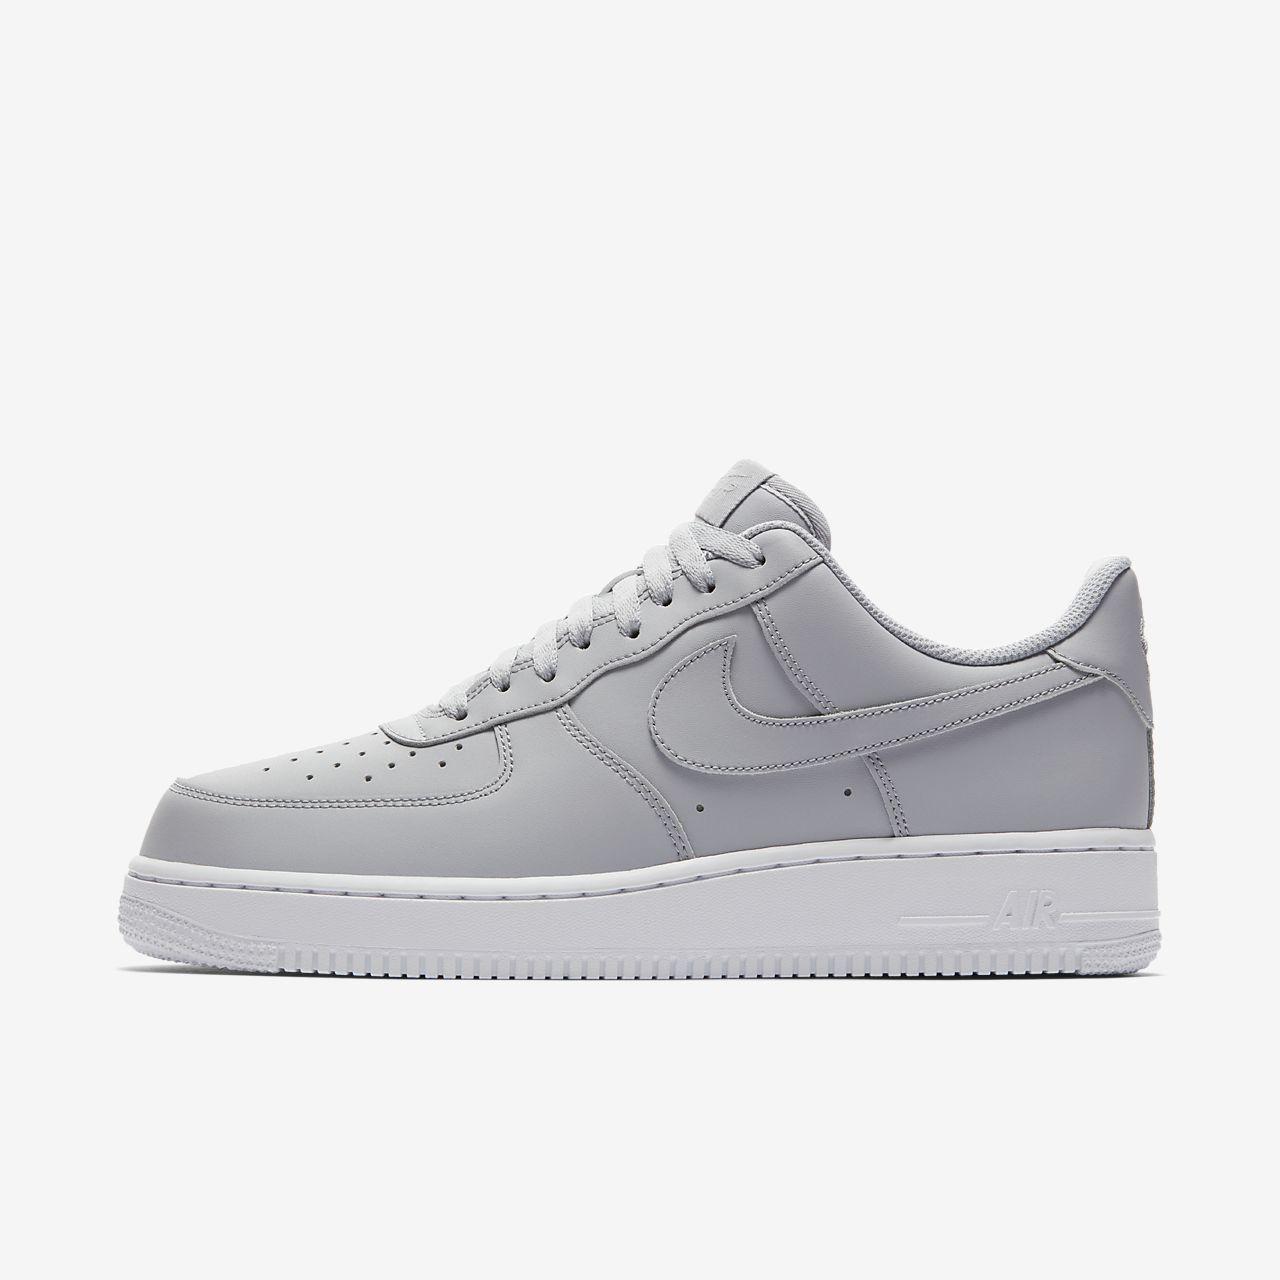 Nike Air Force 1 07 férficipő